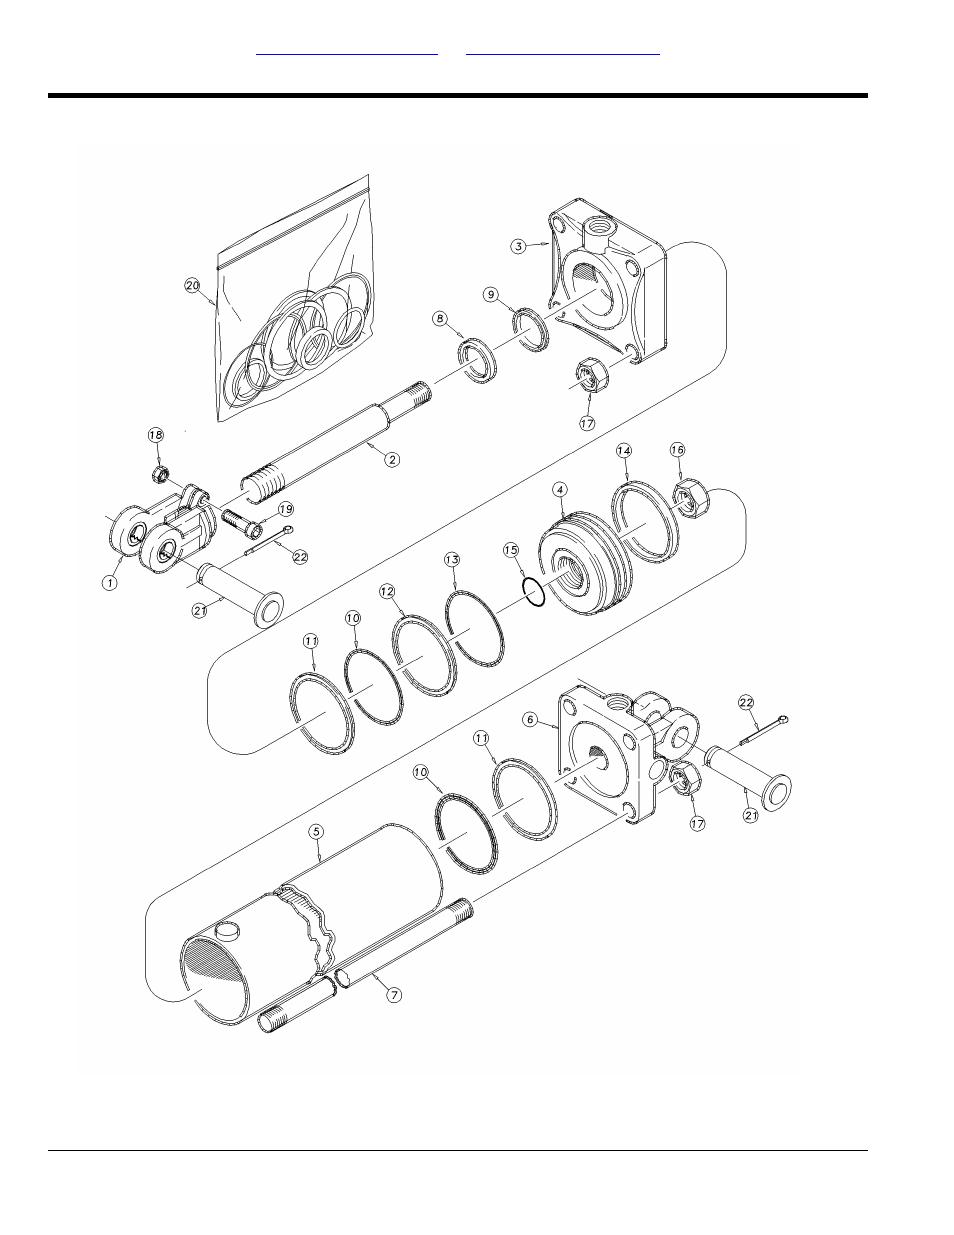 Hydraulic cylinder (810-501c 4x10x1 38 rod) | Great Plains